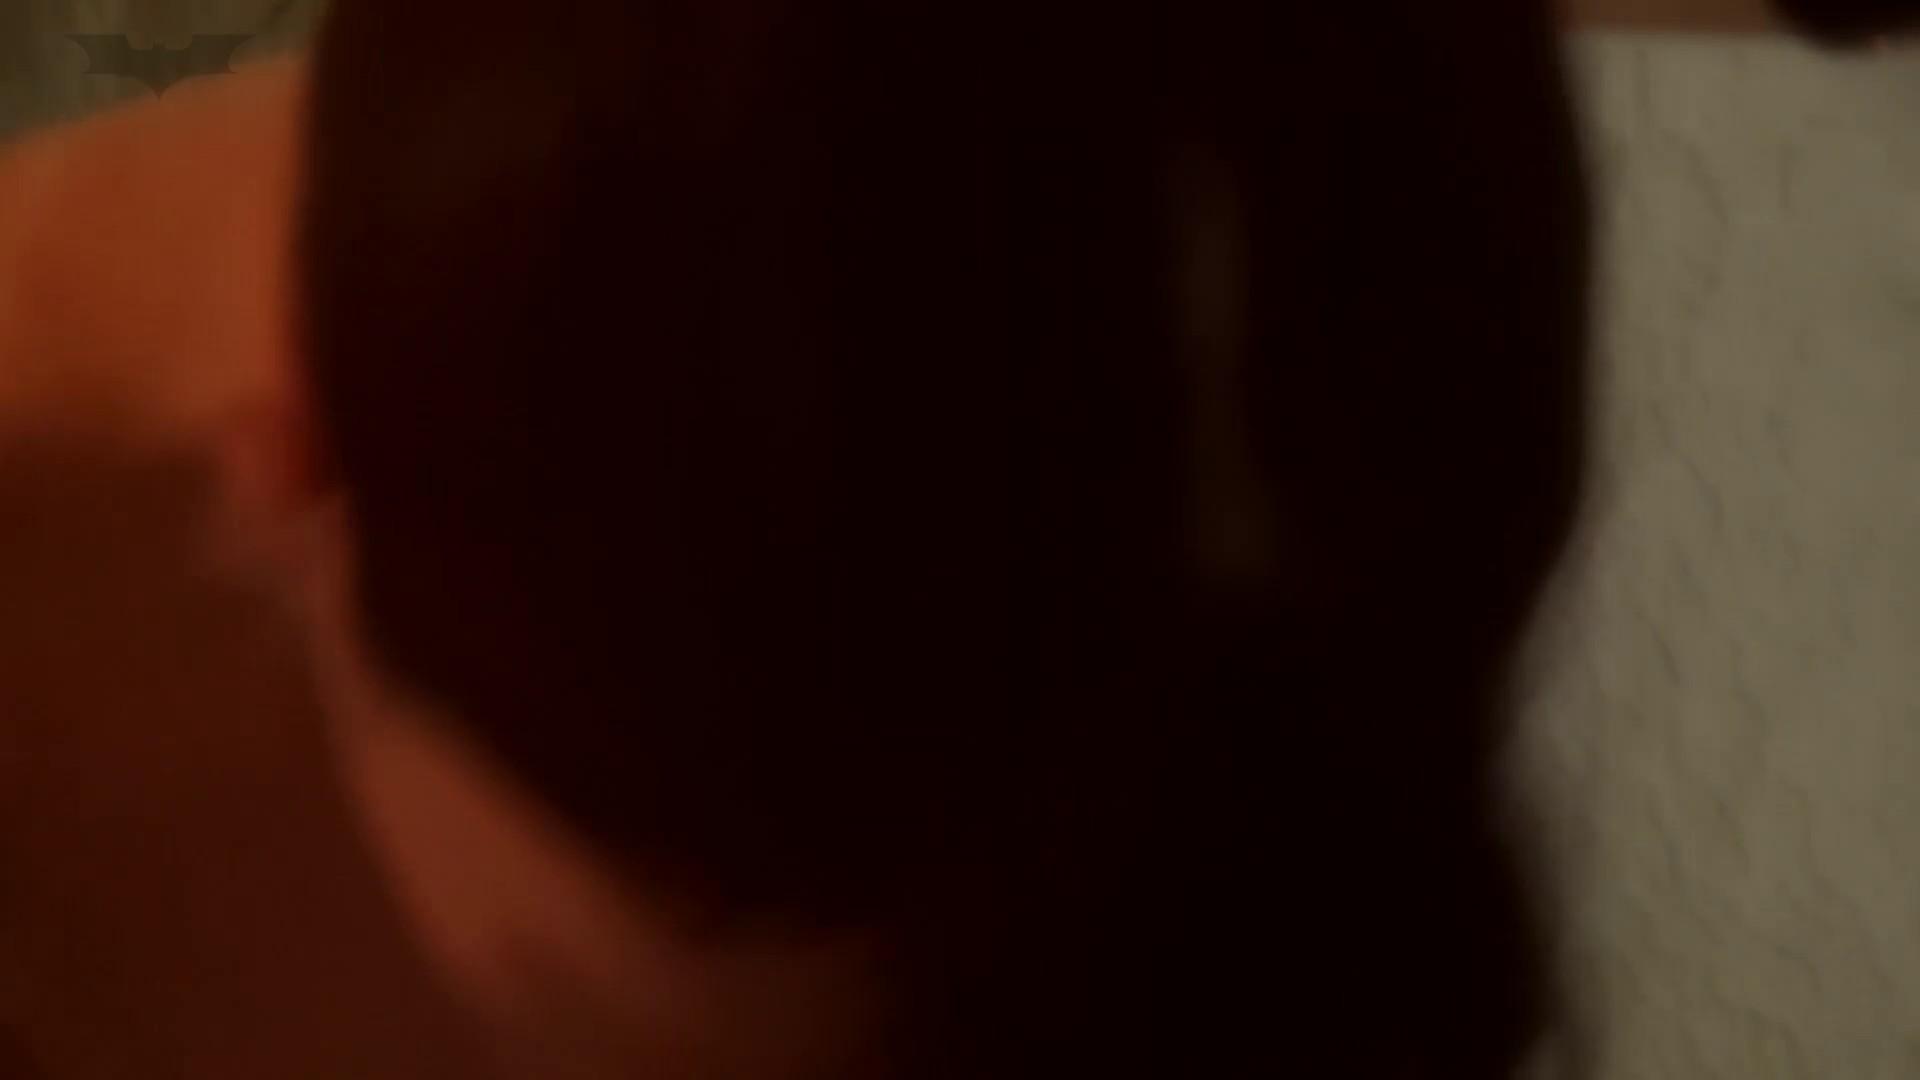 *華の女子寮ノゾキ* vol.04 陸上系?就活中のお女市さんJD 女子大生   OLの実態  74pic 46